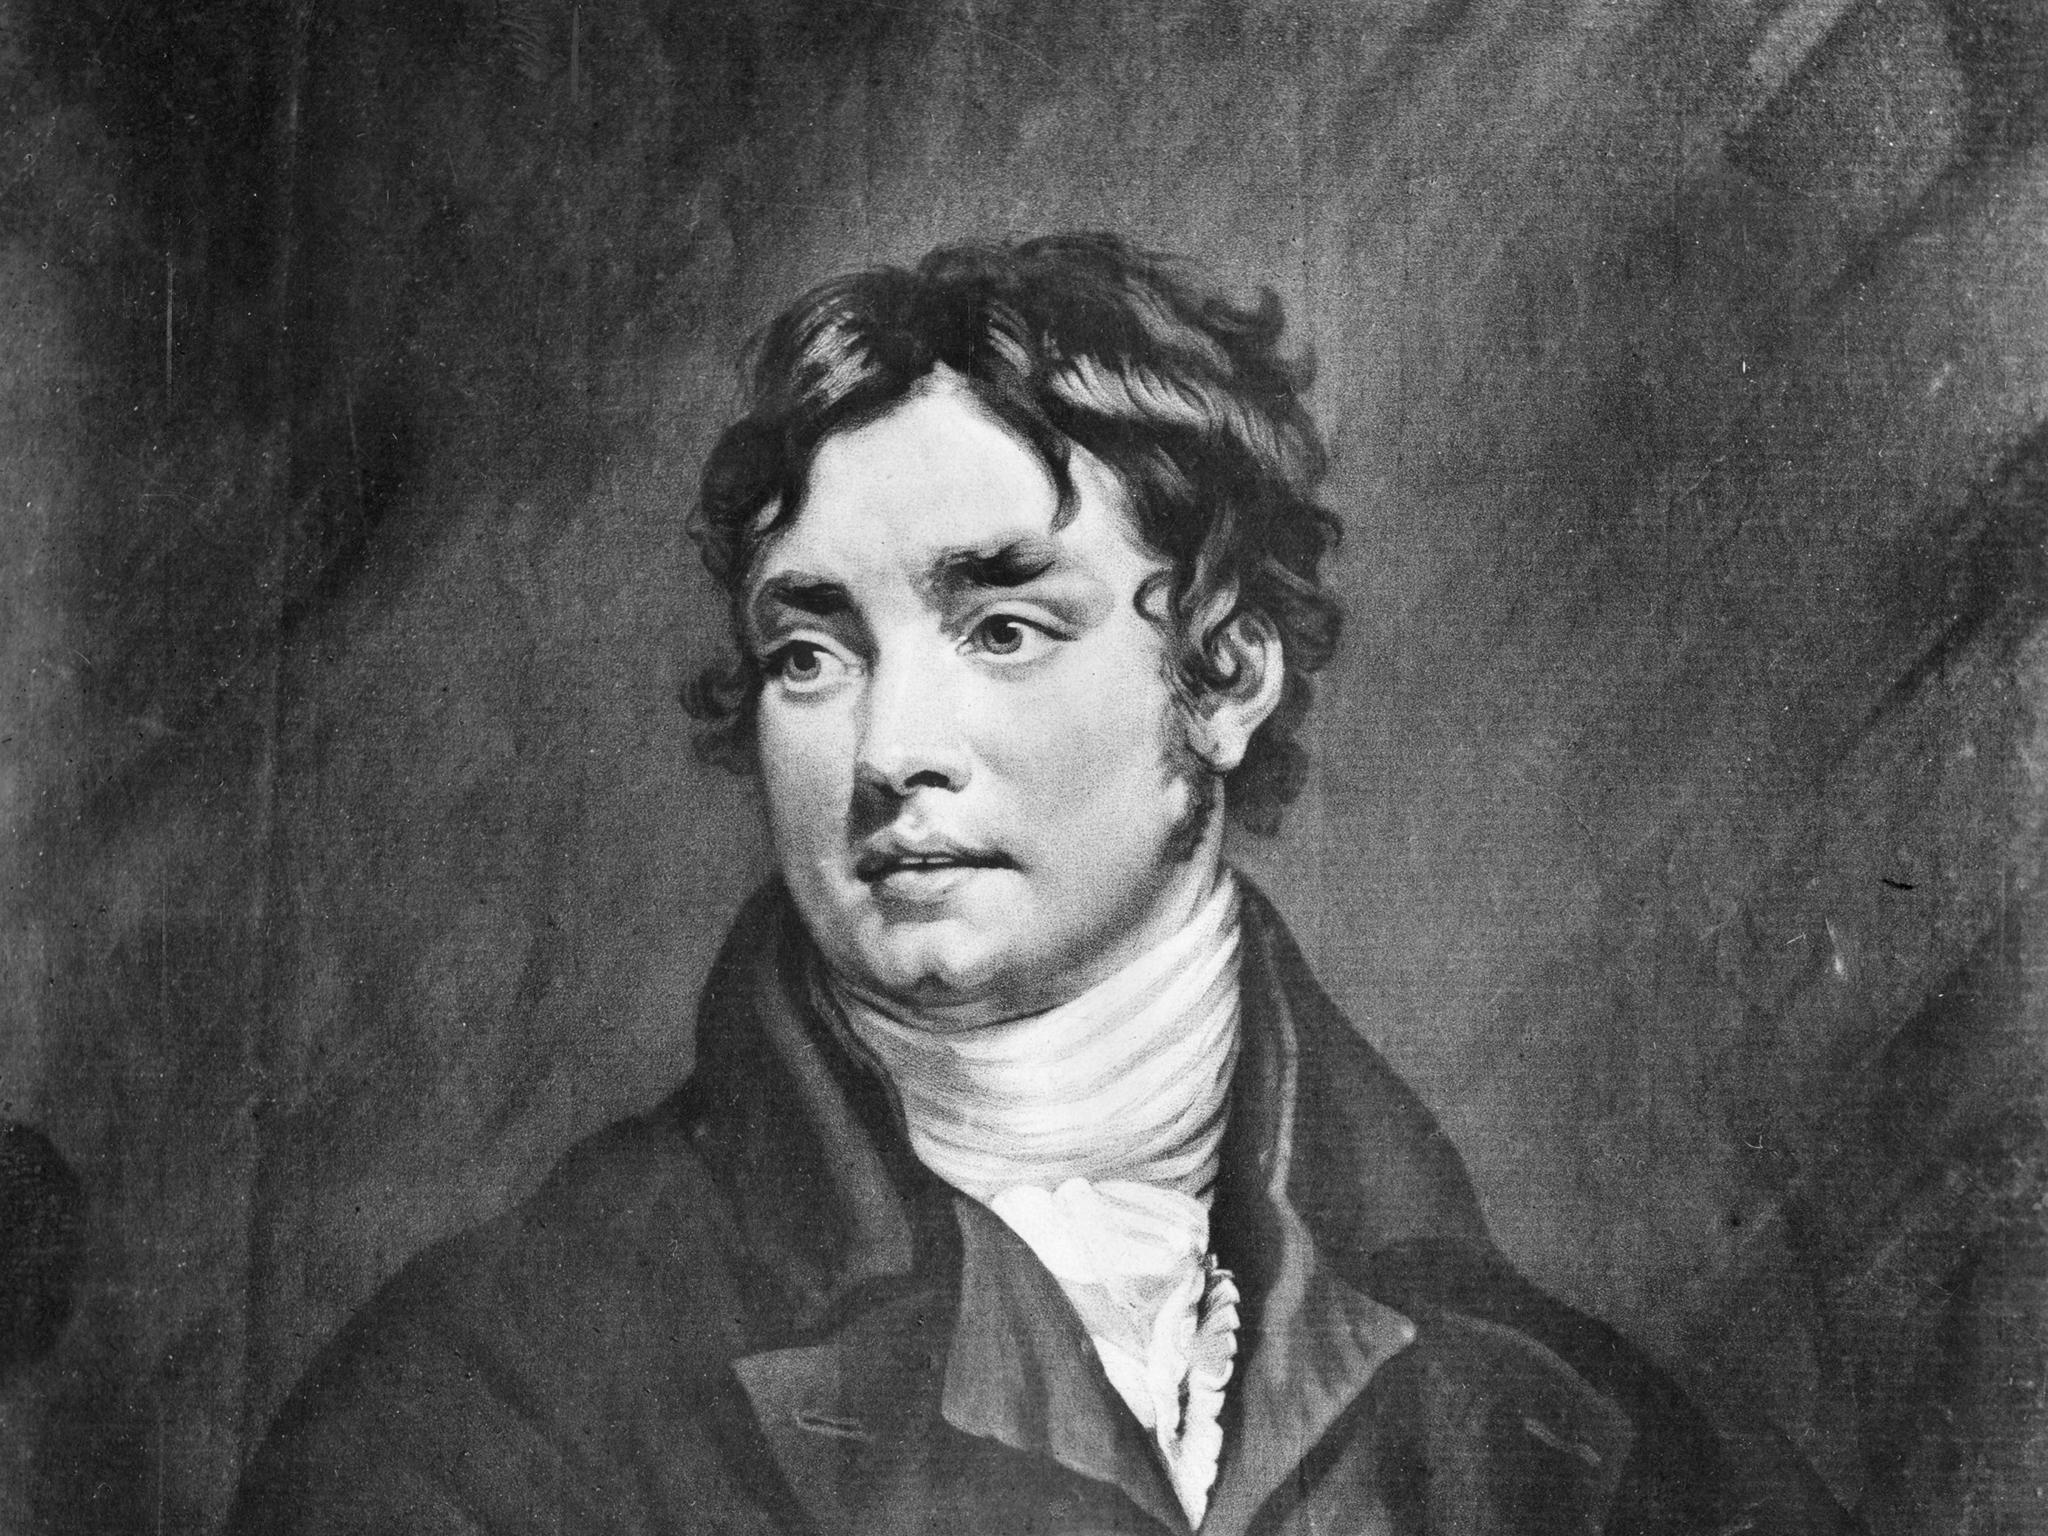 Samuel Taylor Coleridge photo #1456, Samuel Taylor Coleridge image